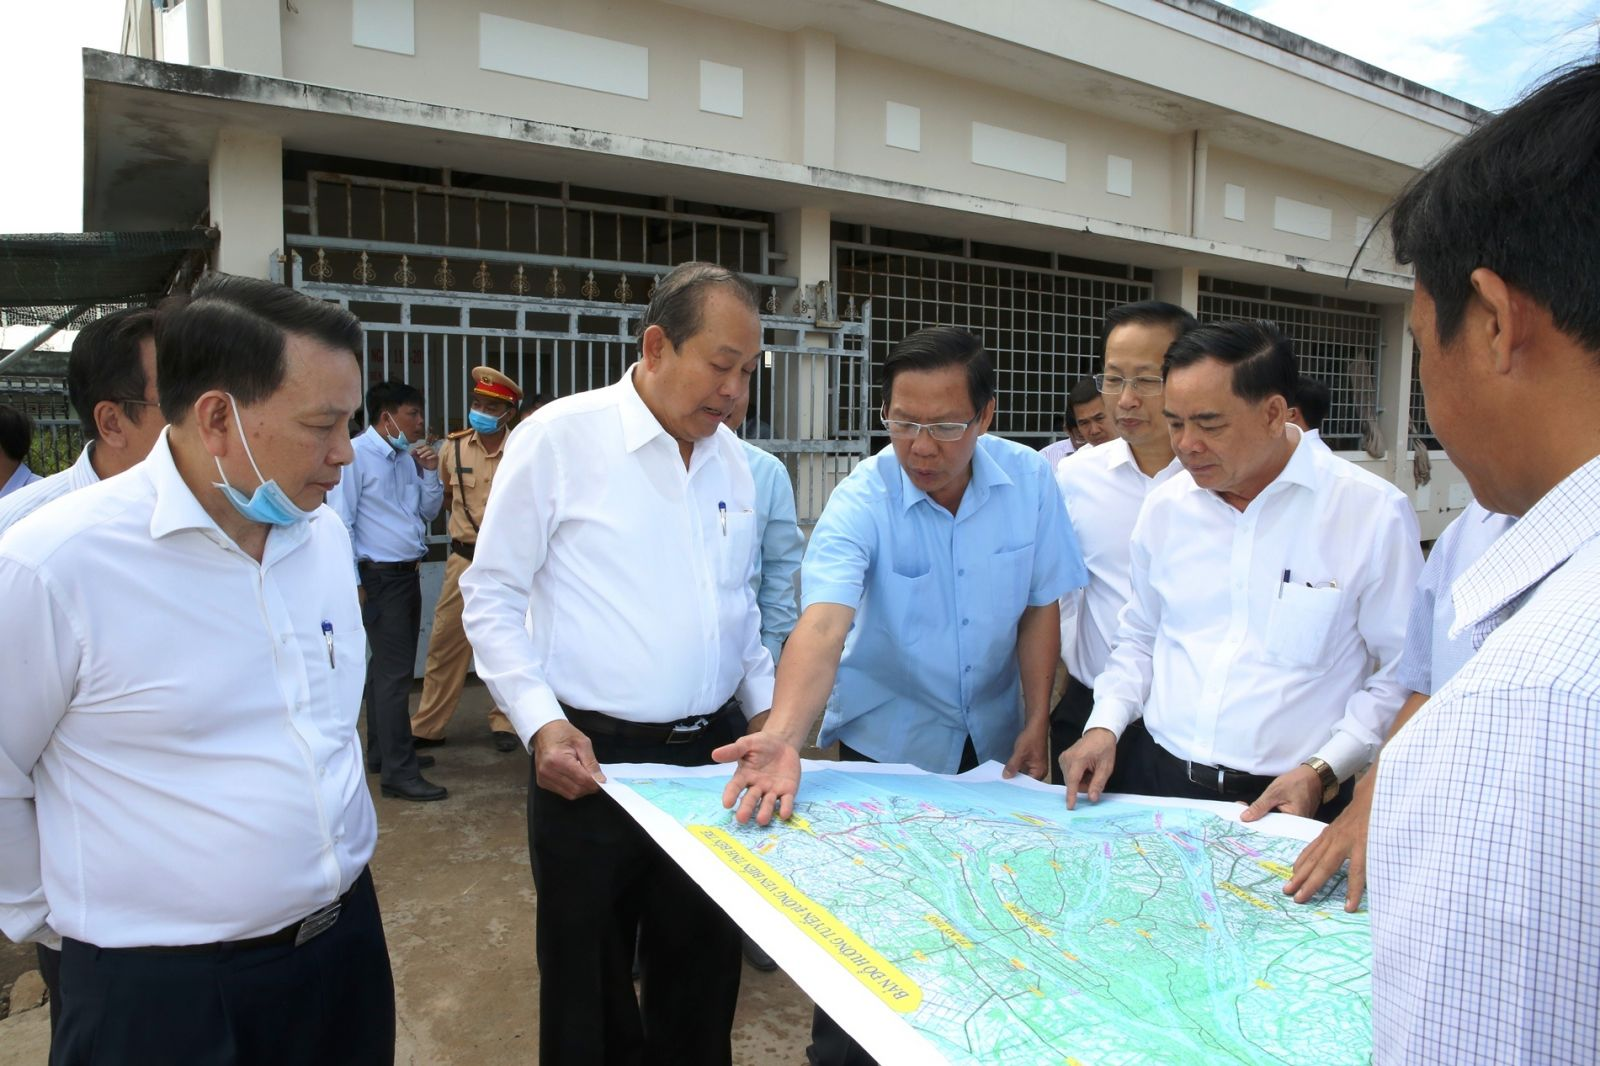 Phó thủ tướng Thường trực Chính phủ Trương Hòa Bình nghe lãnh đạo tỉnh đề xuất xây cầu, thay thế Bến phà Bình Tân, xã Thới Bình, huyện Bình Đại.